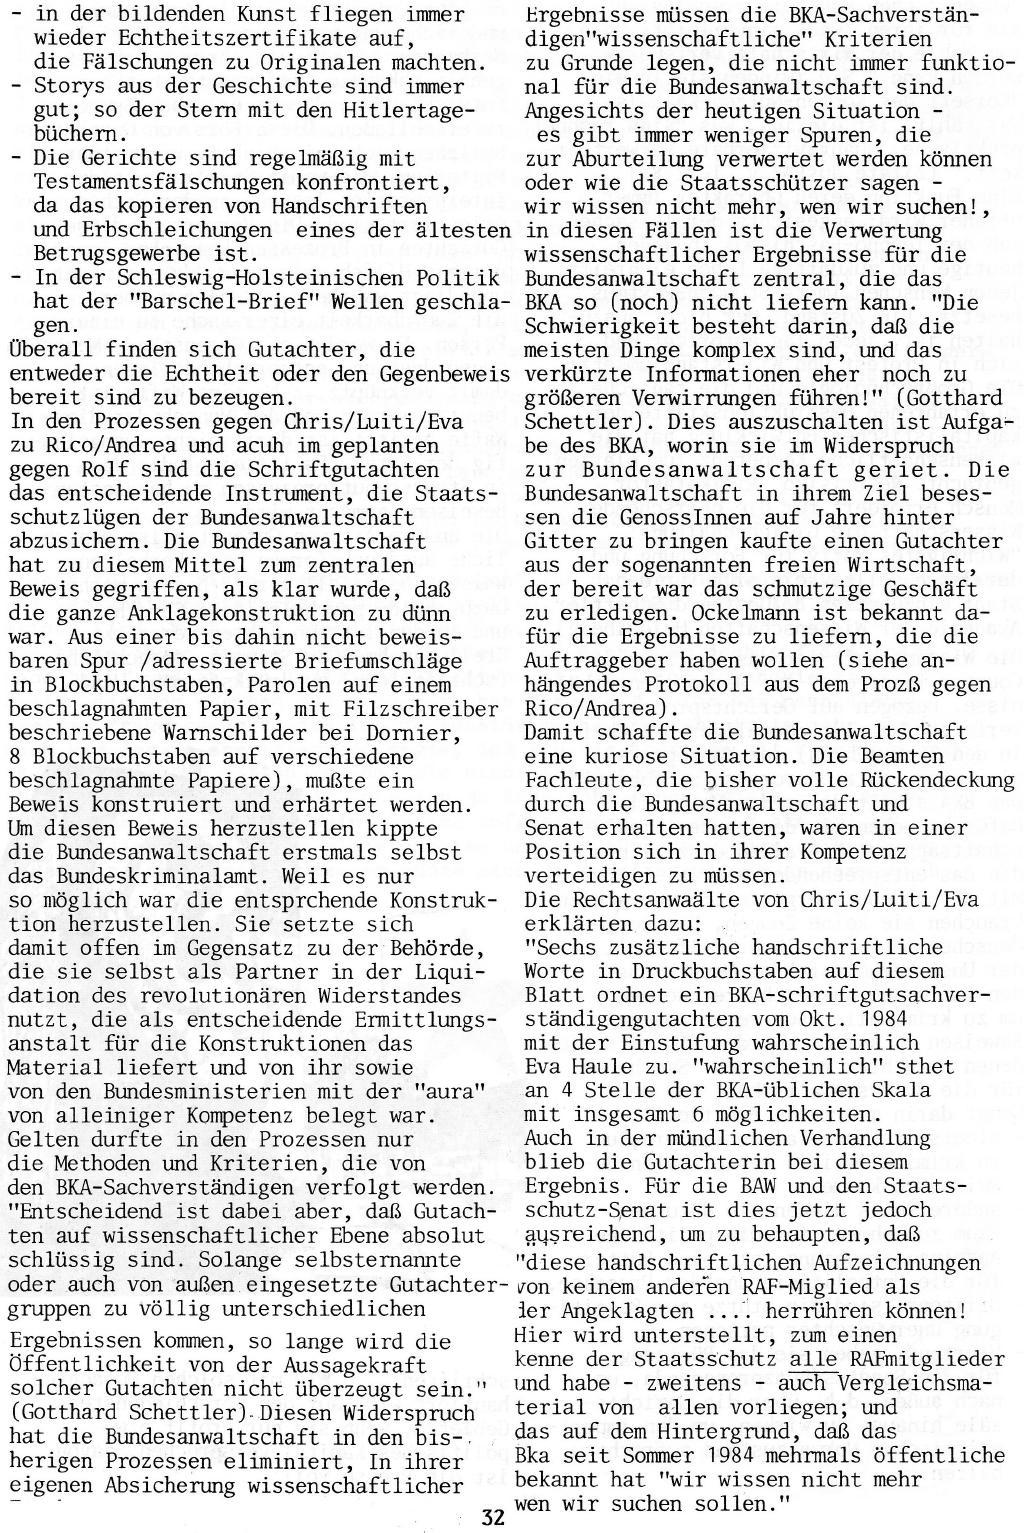 Duesseldorf_1989_Sechs_Politische_Gefangene_032